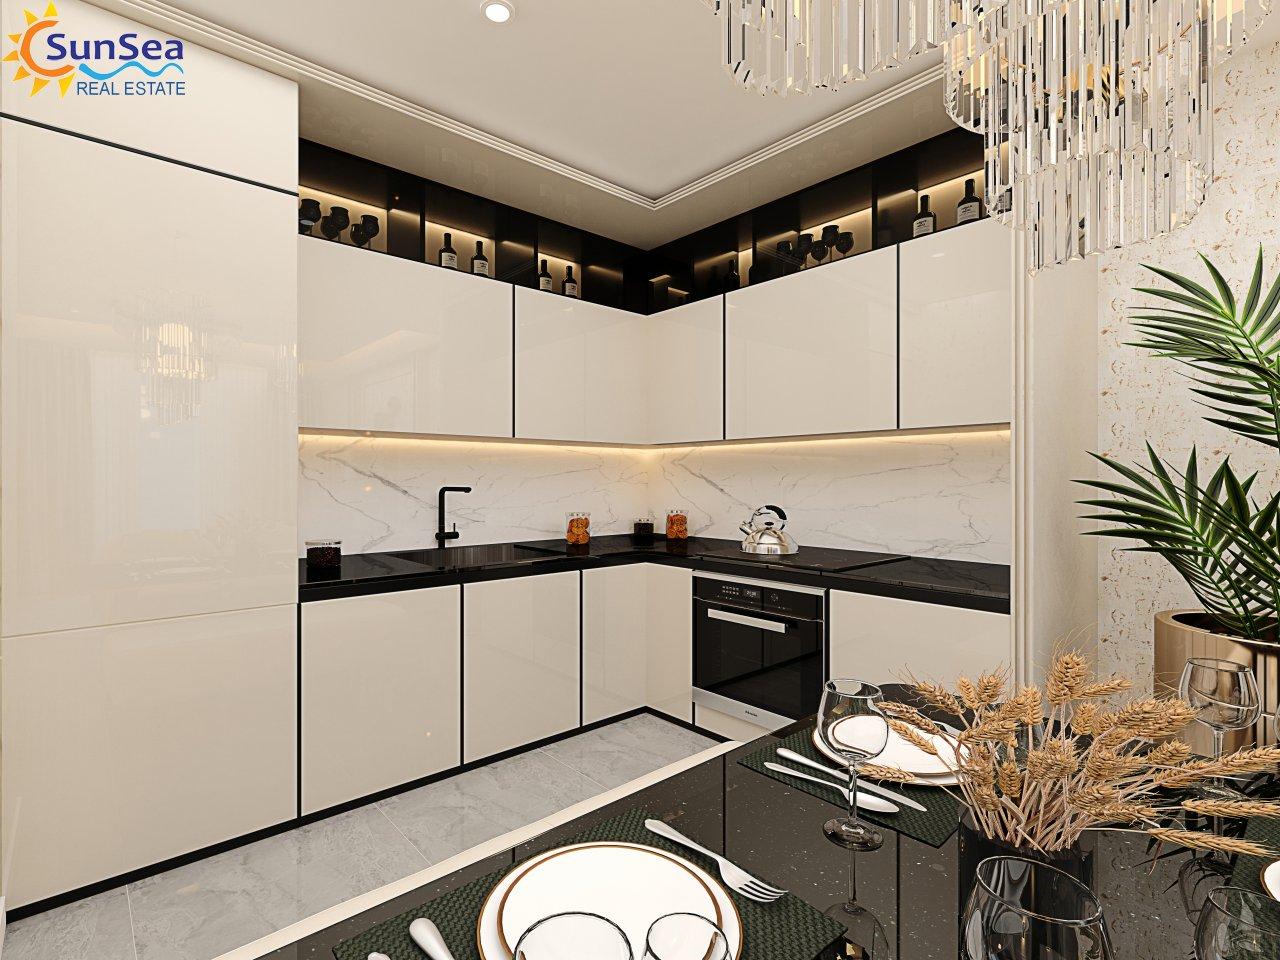 cleopatra symphony kitchen